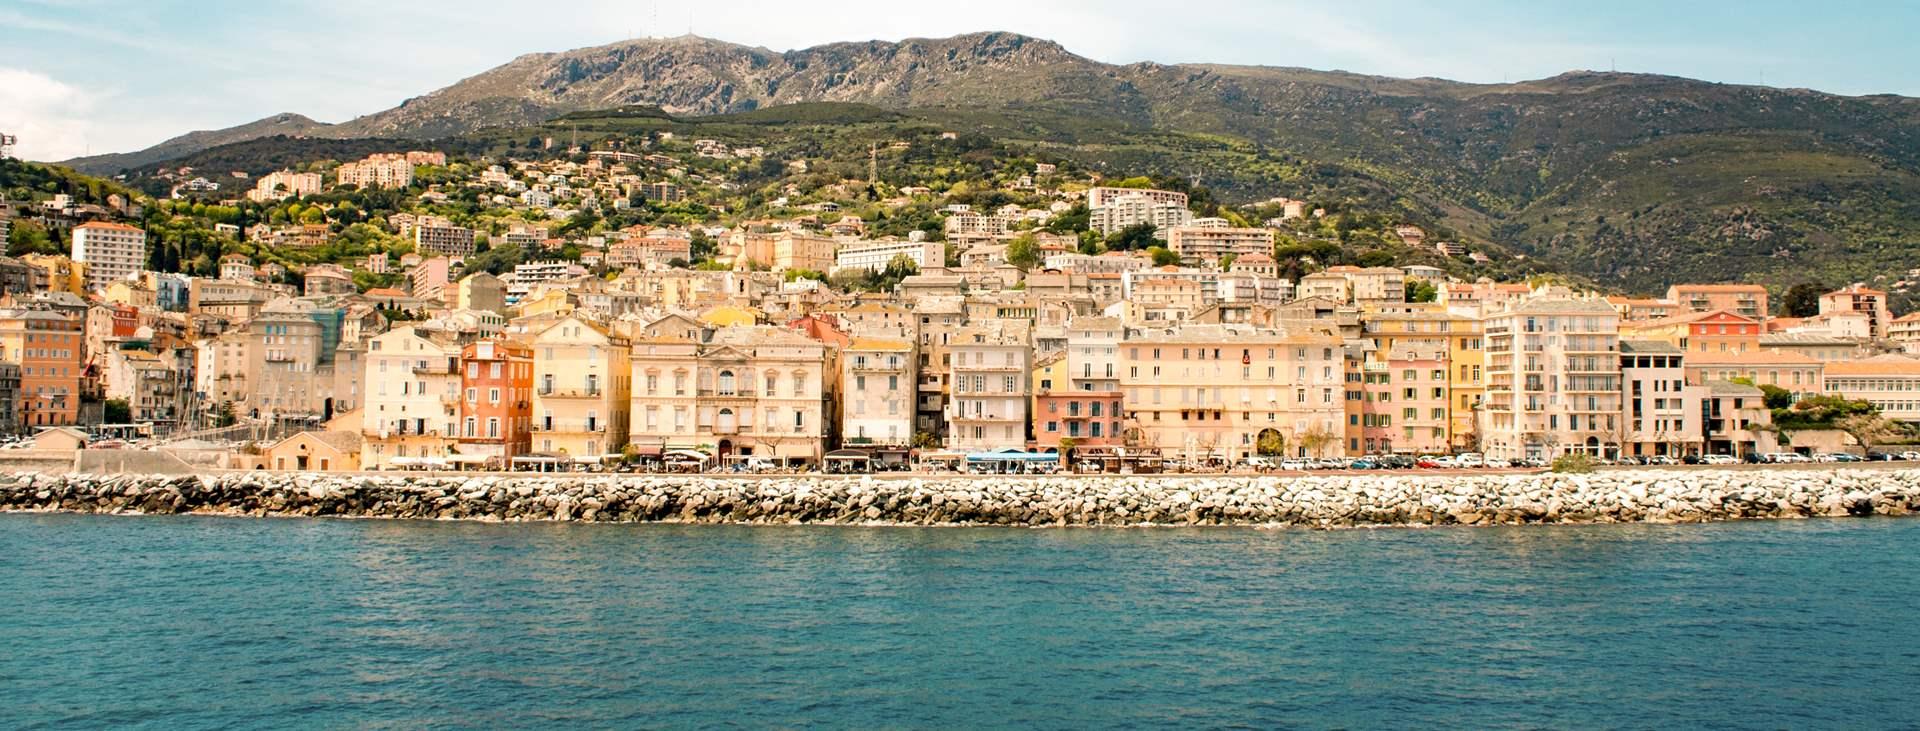 Boka en resa till Bastia på Korsika med Ving